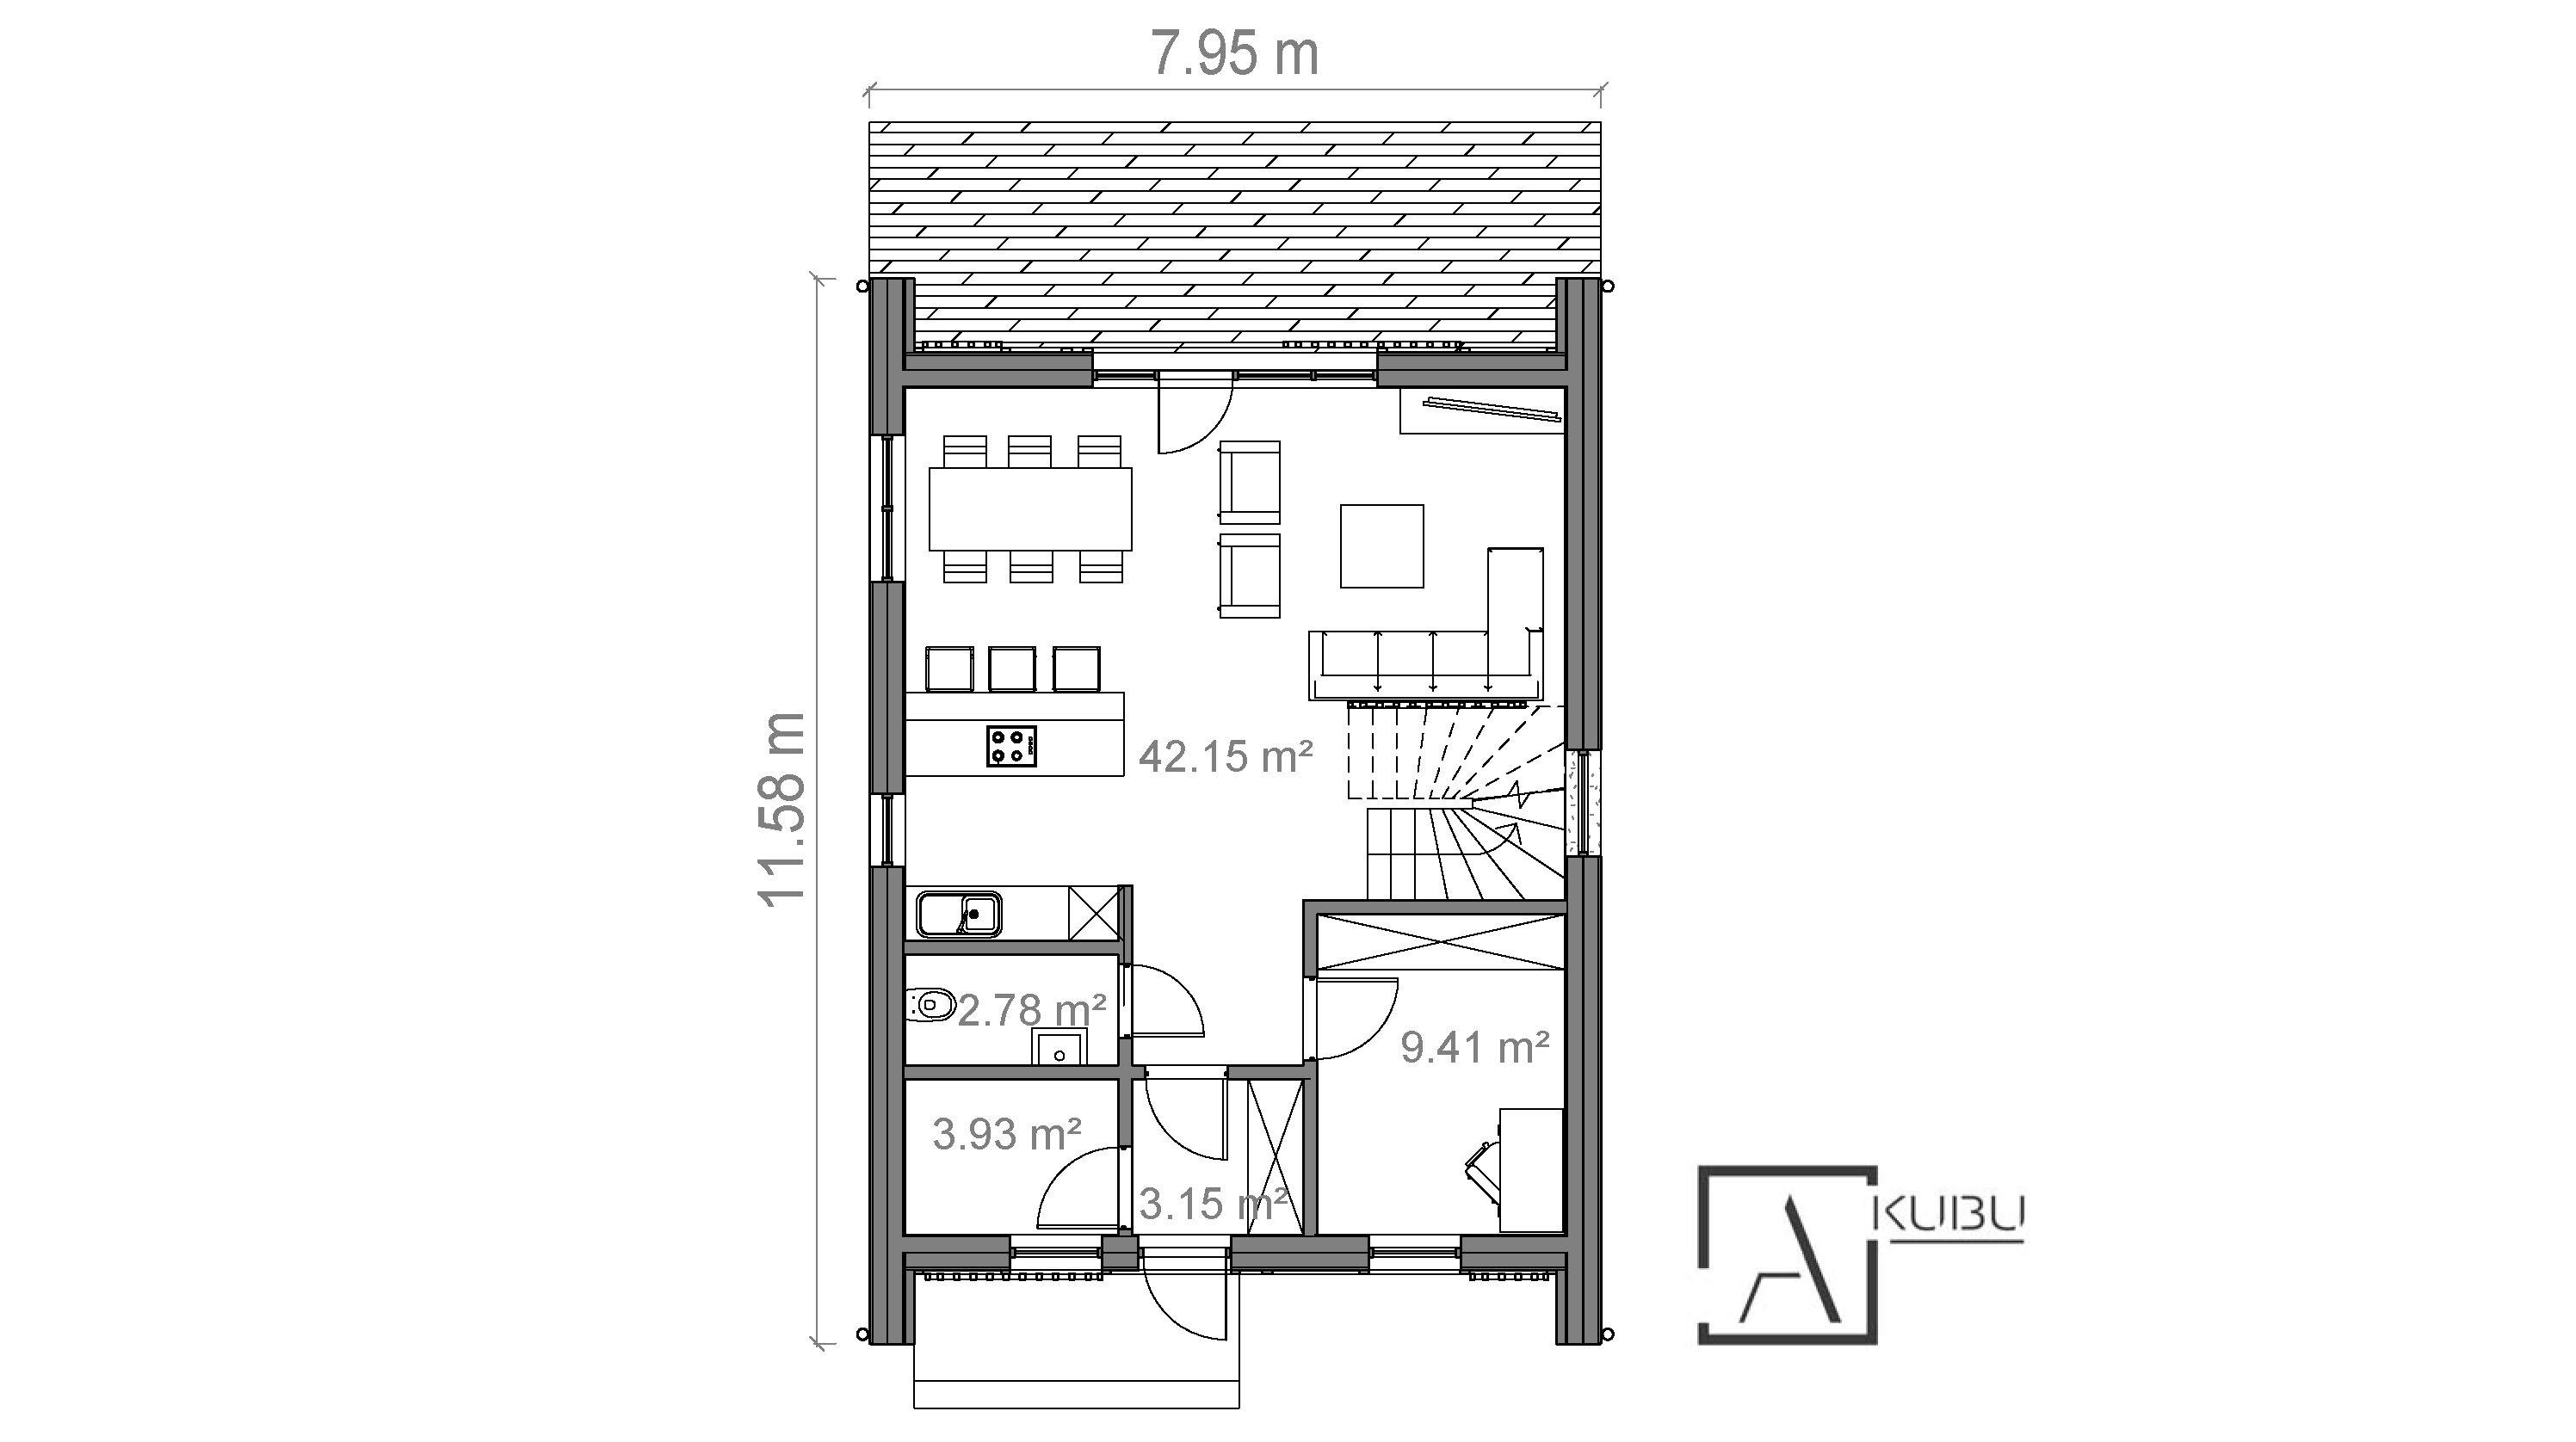 A KUBU namo projektavimas